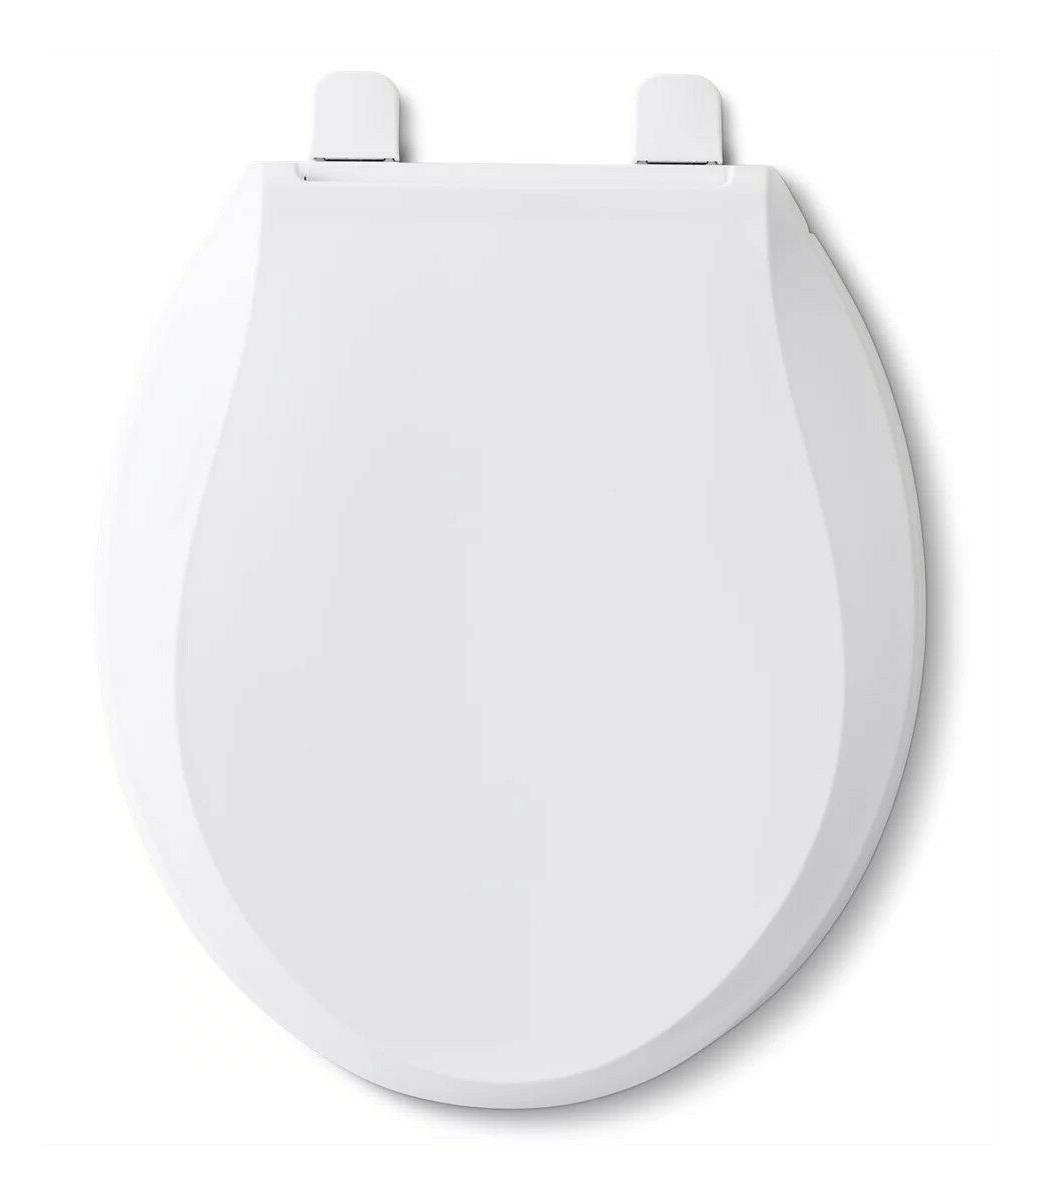 Kohler K 4639 0 Cachet Q3 Round Closed Front Toilet Se